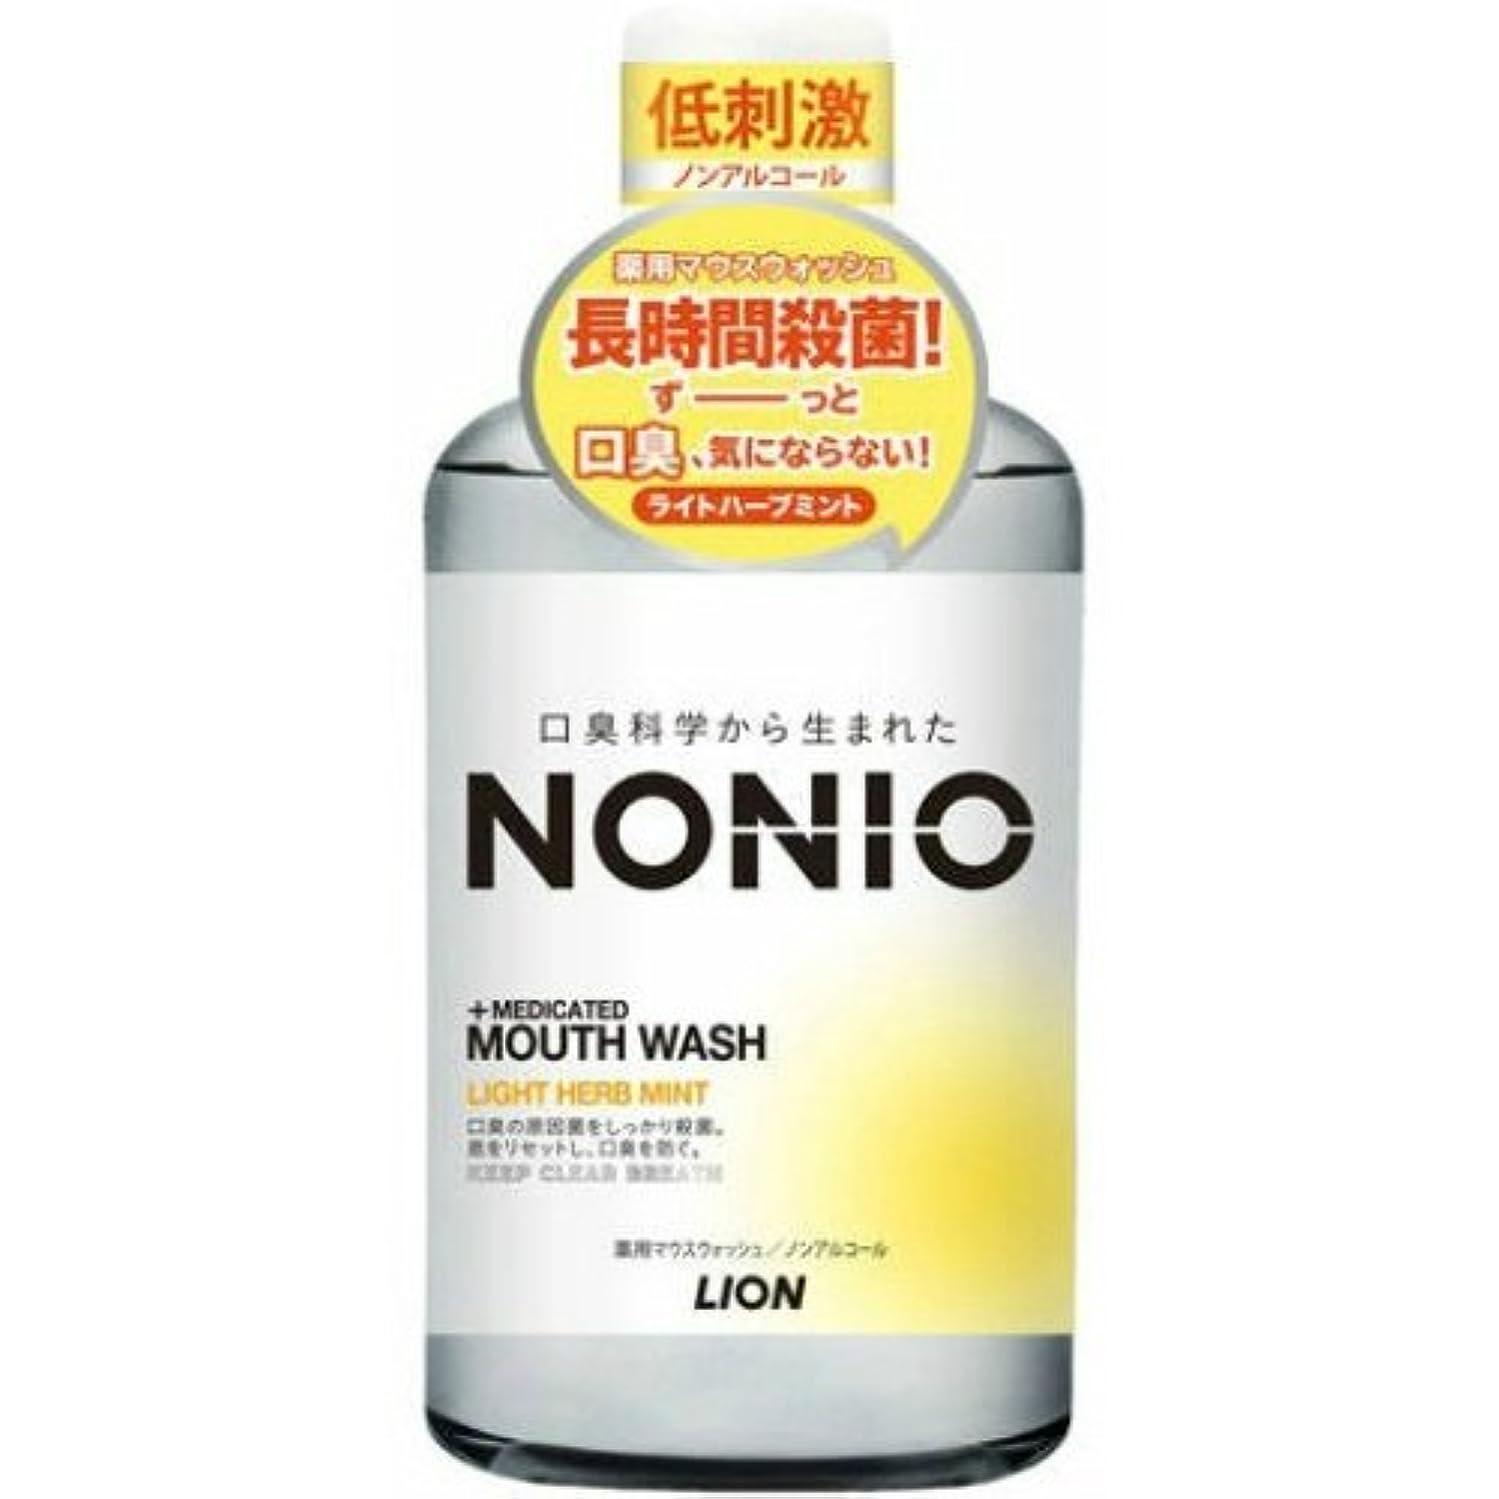 アサー診断する信頼性のあるLION ライオン ノニオ NONIO 薬用マウスウォッシュ ノンアルコール ライトハーブミント 600ml 医薬部外品 ×012点セット(4903301259398)